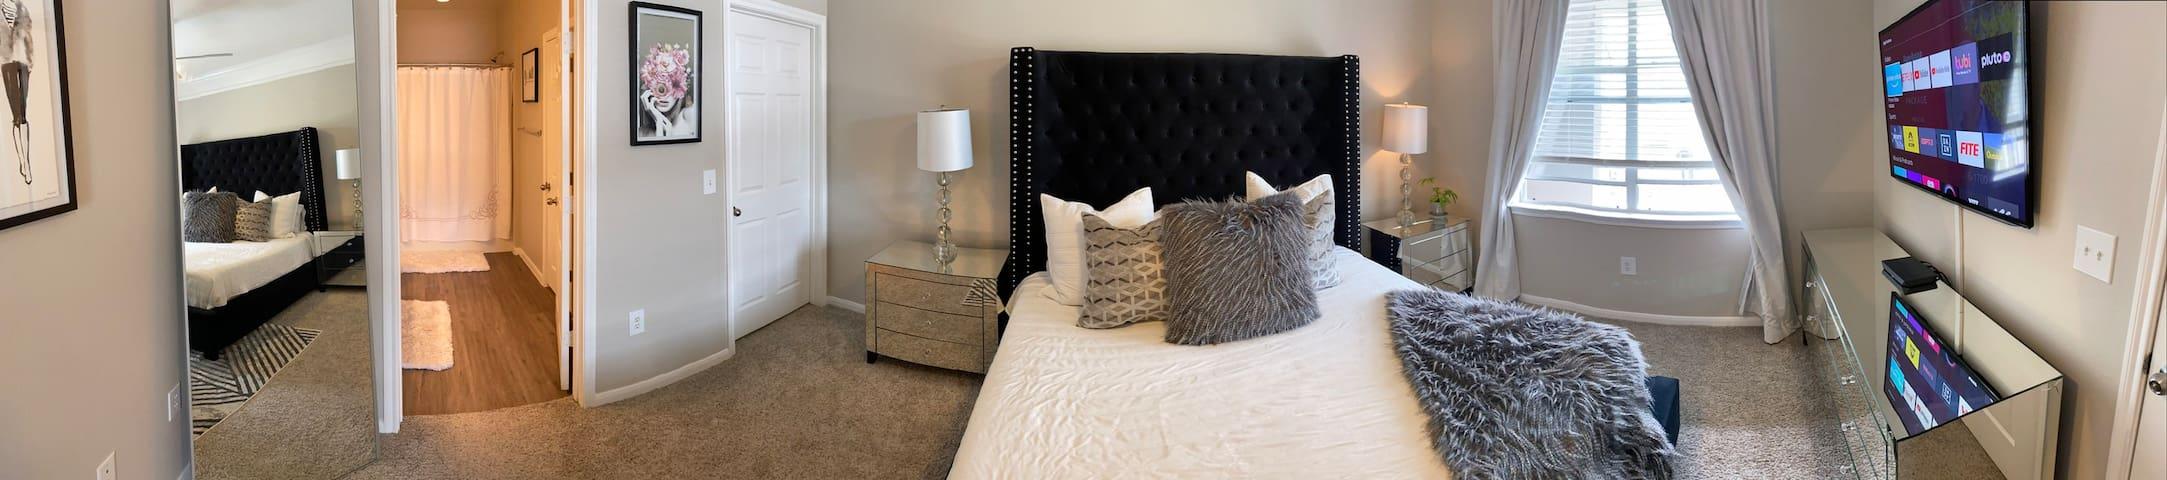 Gorgeous 2 bedroom 2 bath large cozy apartment